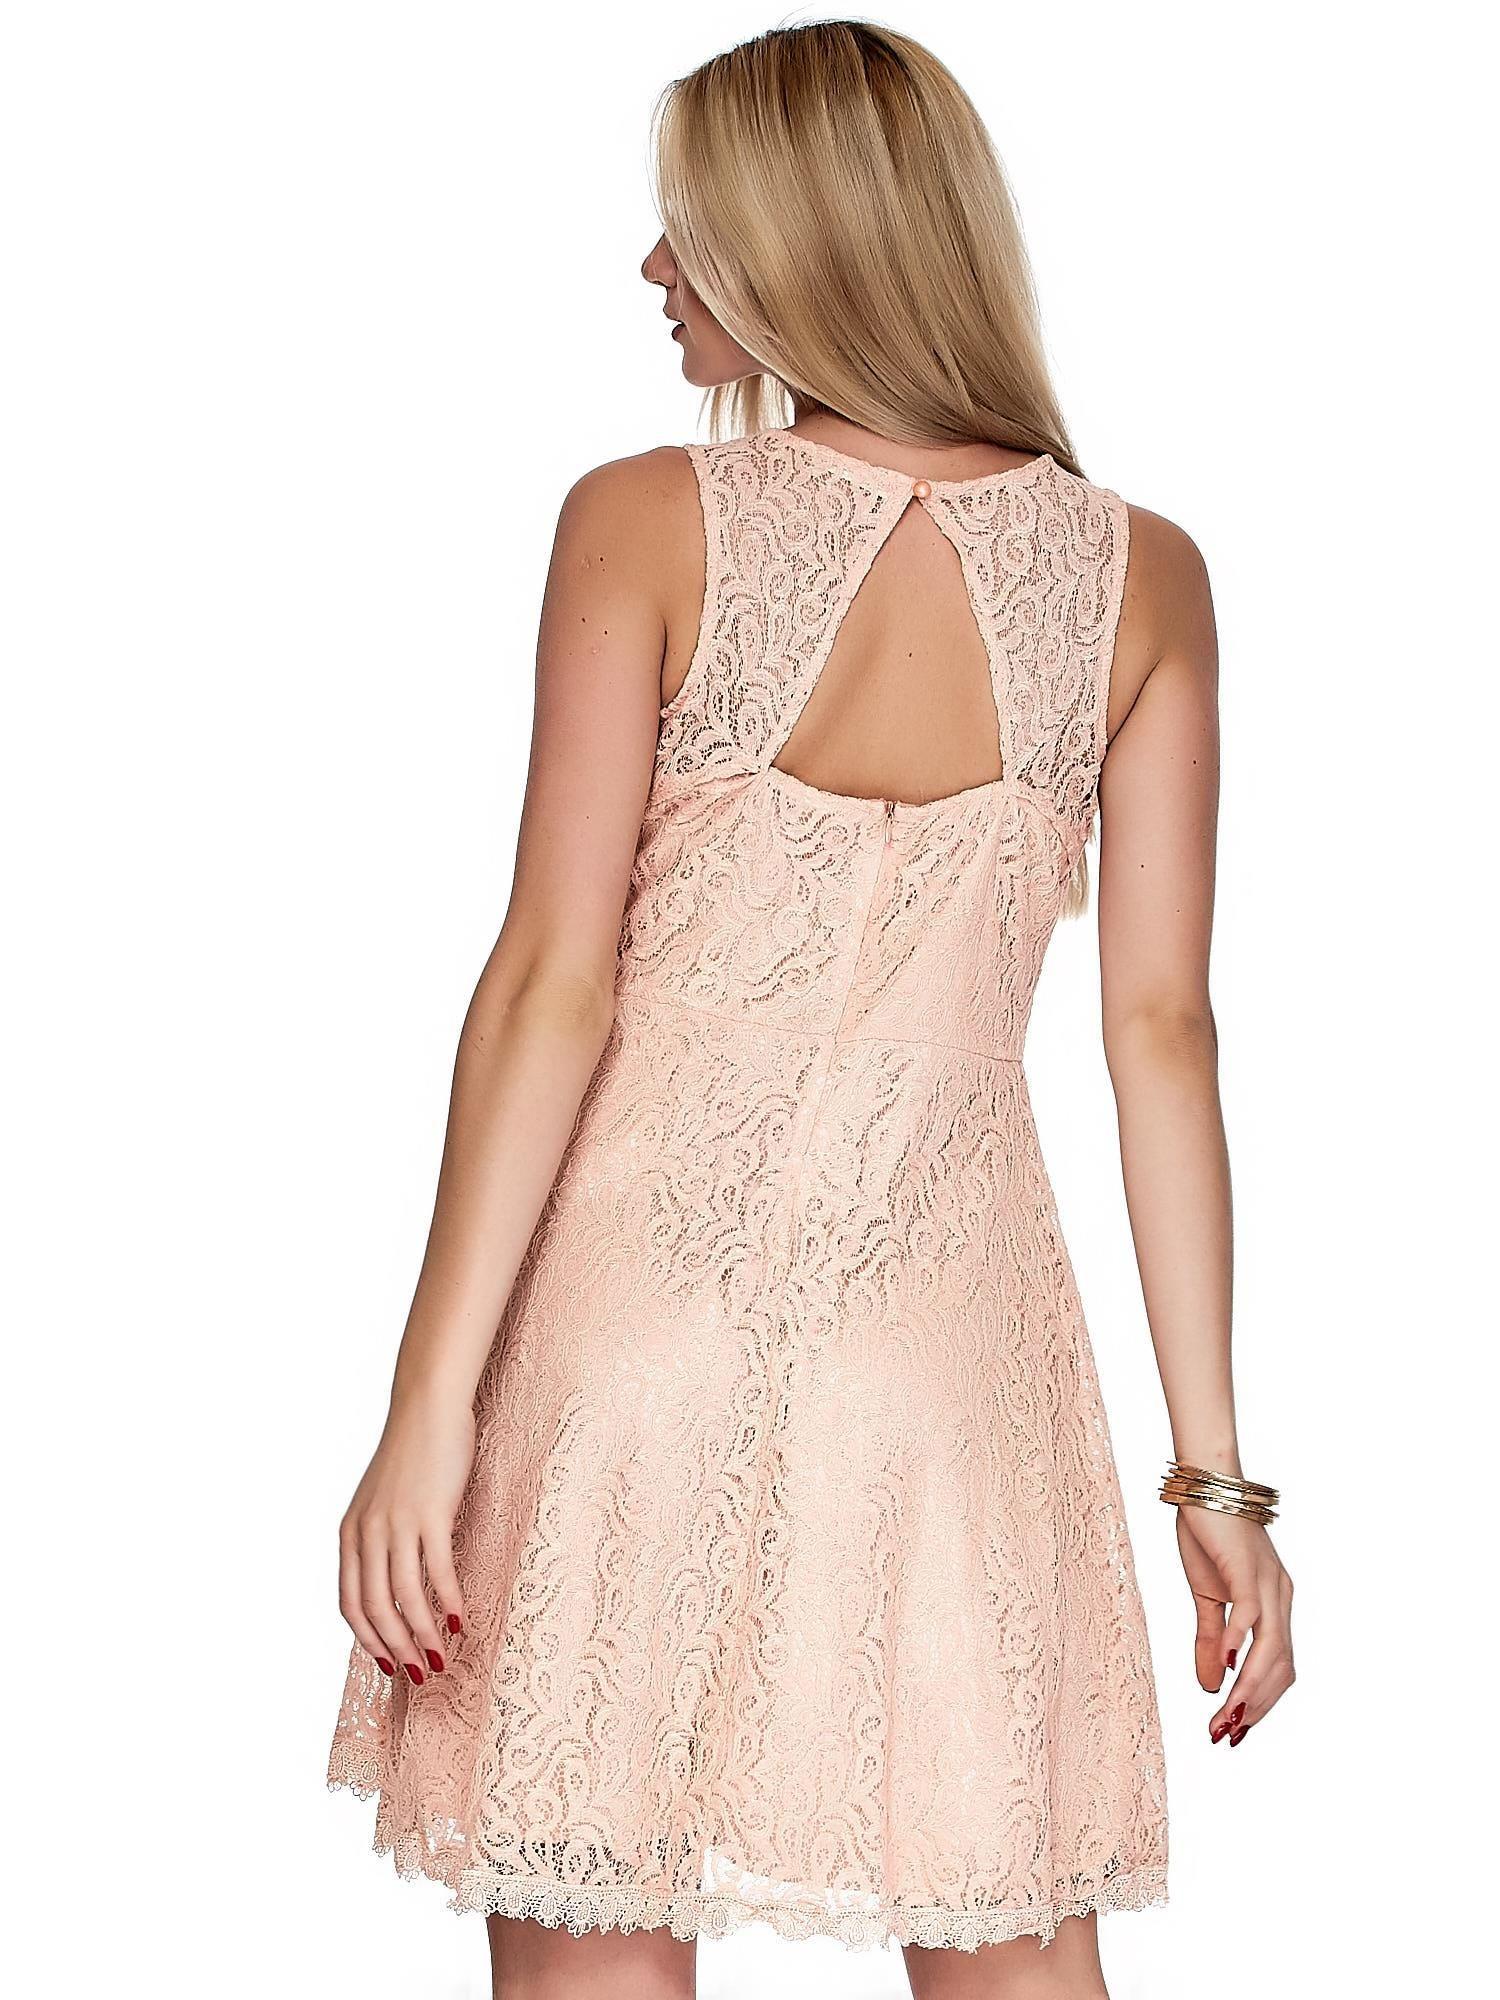 a5262cd7c1 1  Różowa koronkowa sukienka z trójkątnym wycięciem na plecach ...